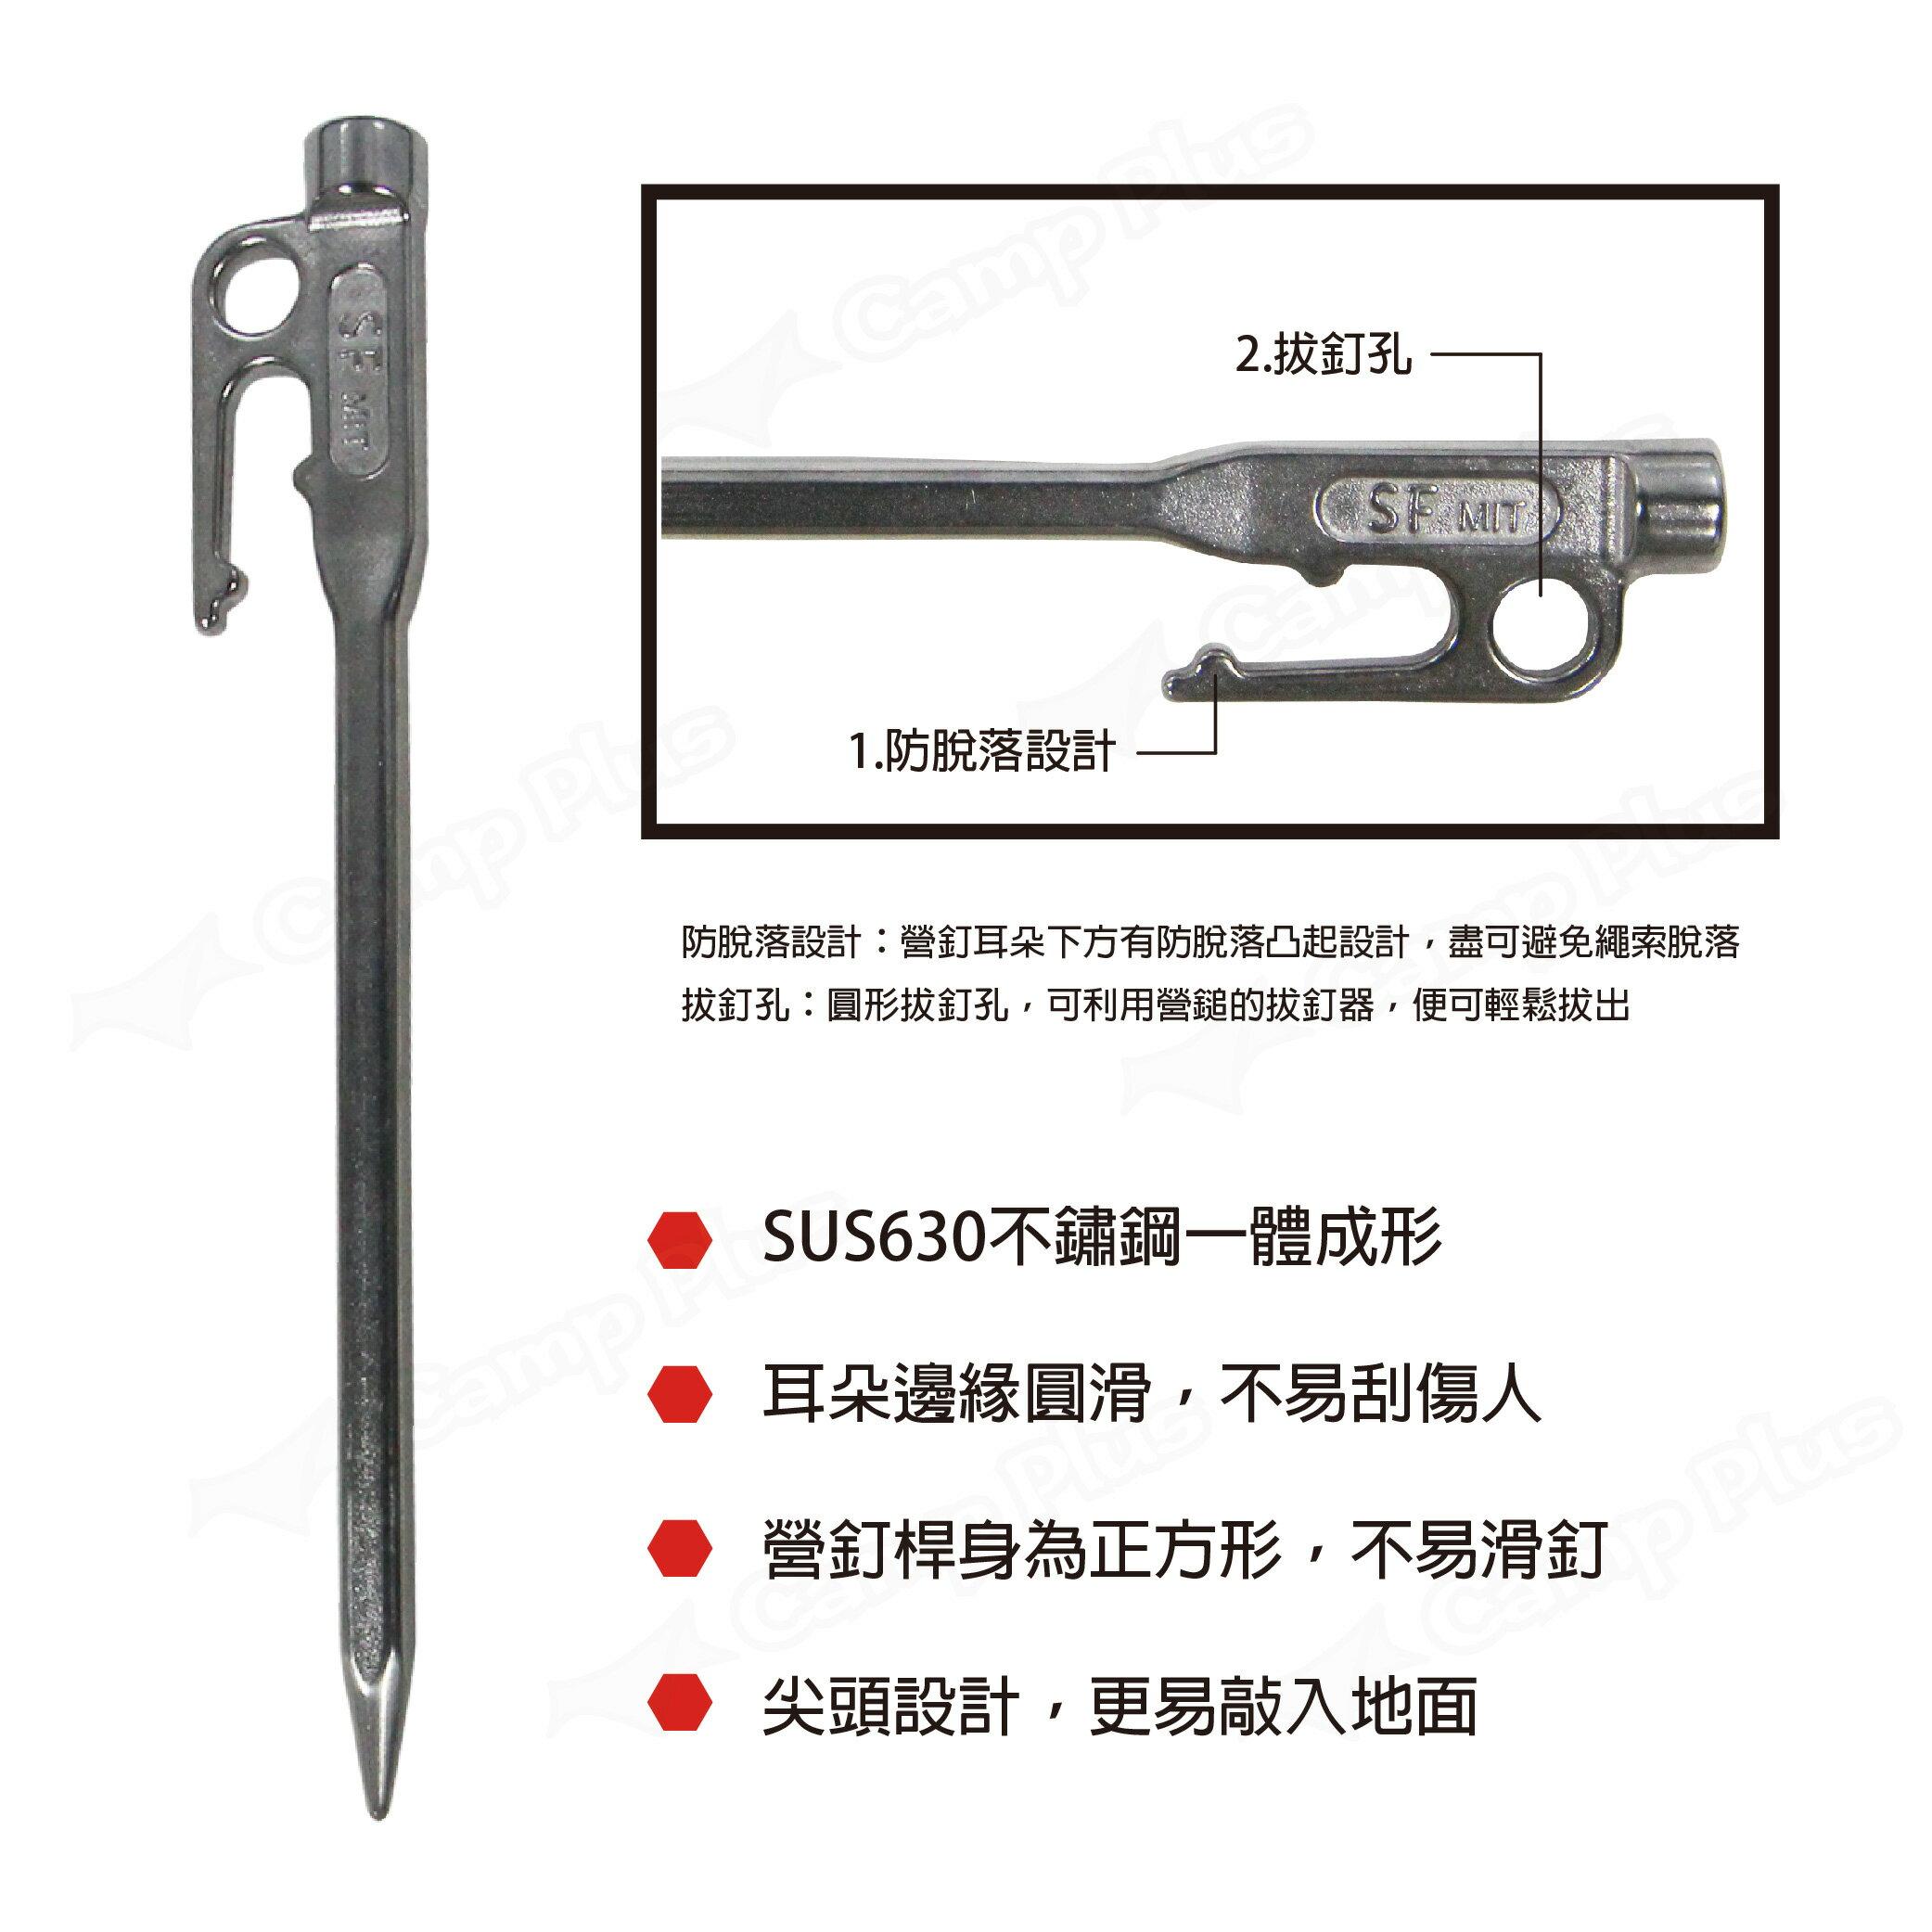 【悠遊戶外】SF 經典營釘 20 / 27 / 33CM 不鏽鋼 營釘 台灣製